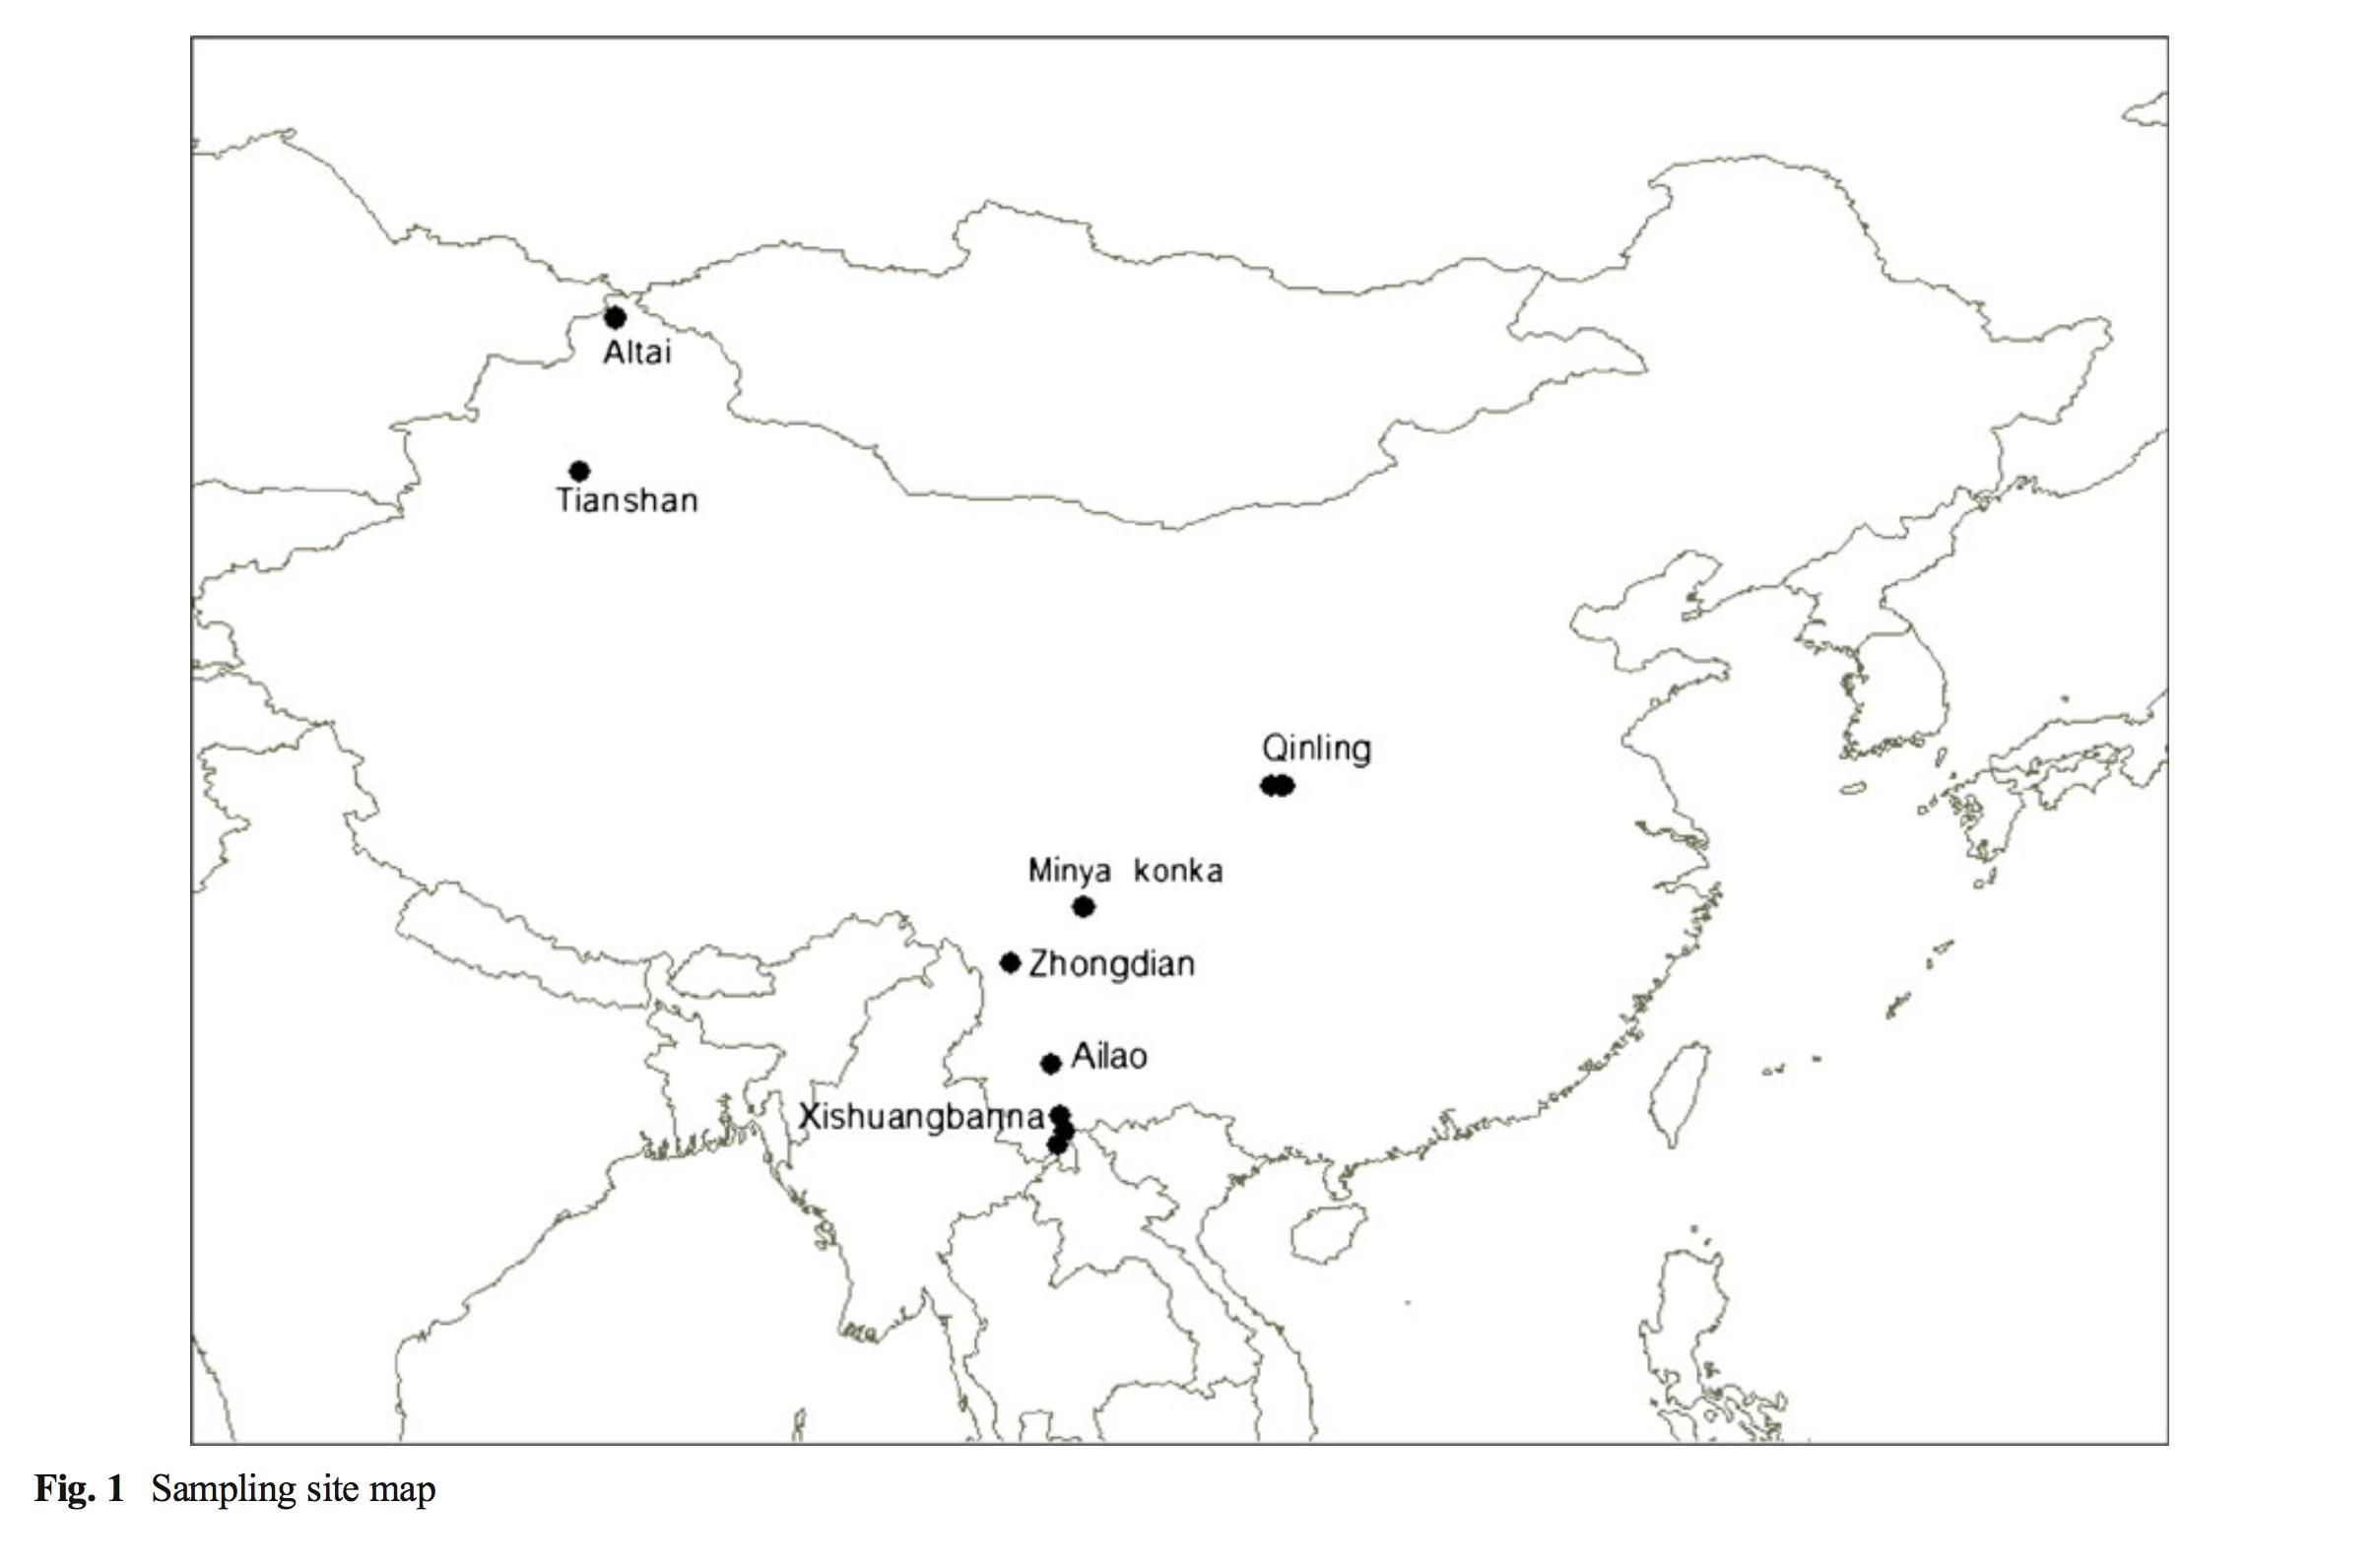 Sites used for latitudinal sampling  Ling-Ling Shi et. al. 2013.